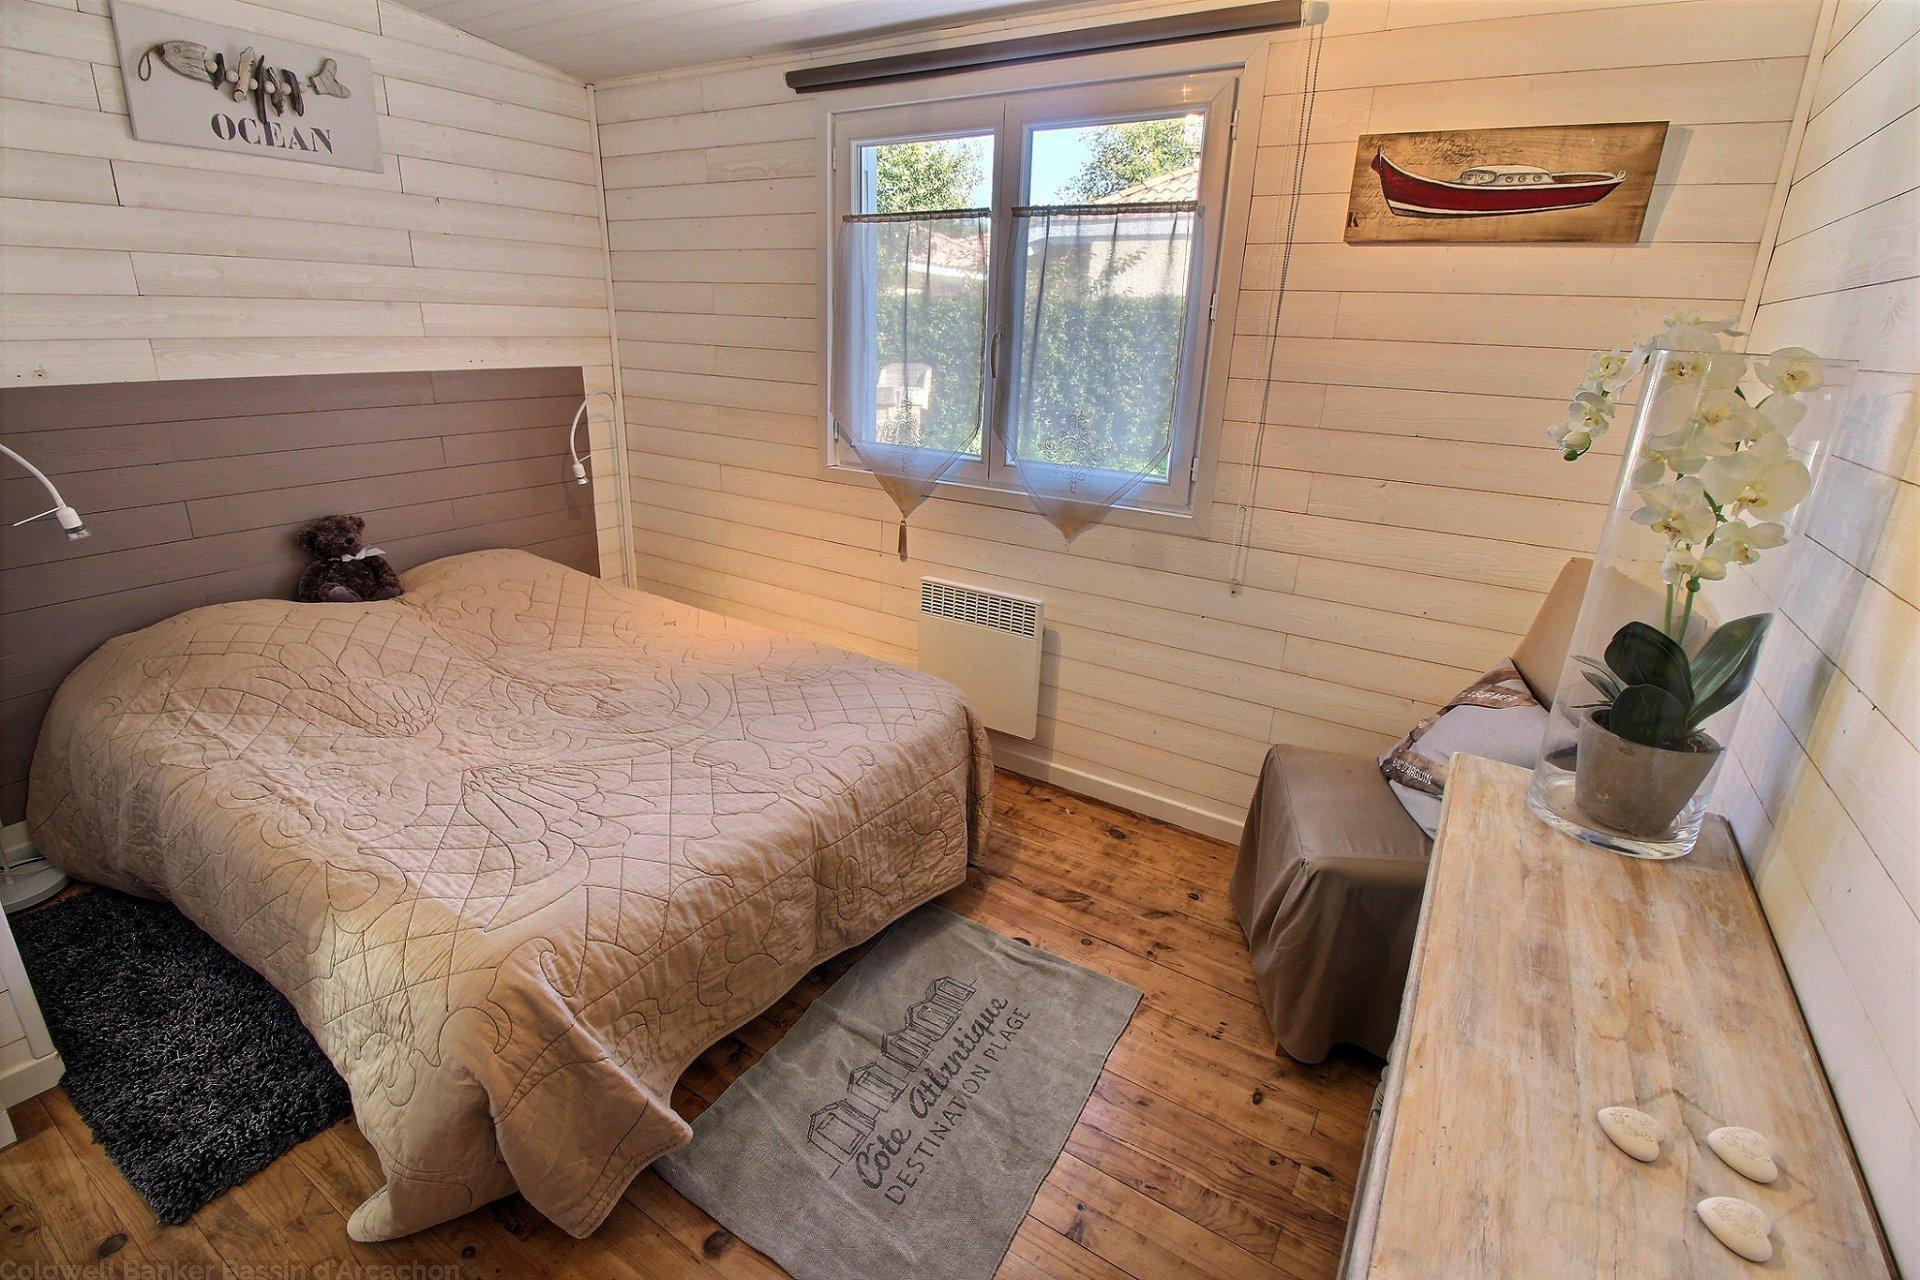 Vente ensemble 2 maisons idéal chambres d'hôtes ou location saisonniere bassin d'arcachon